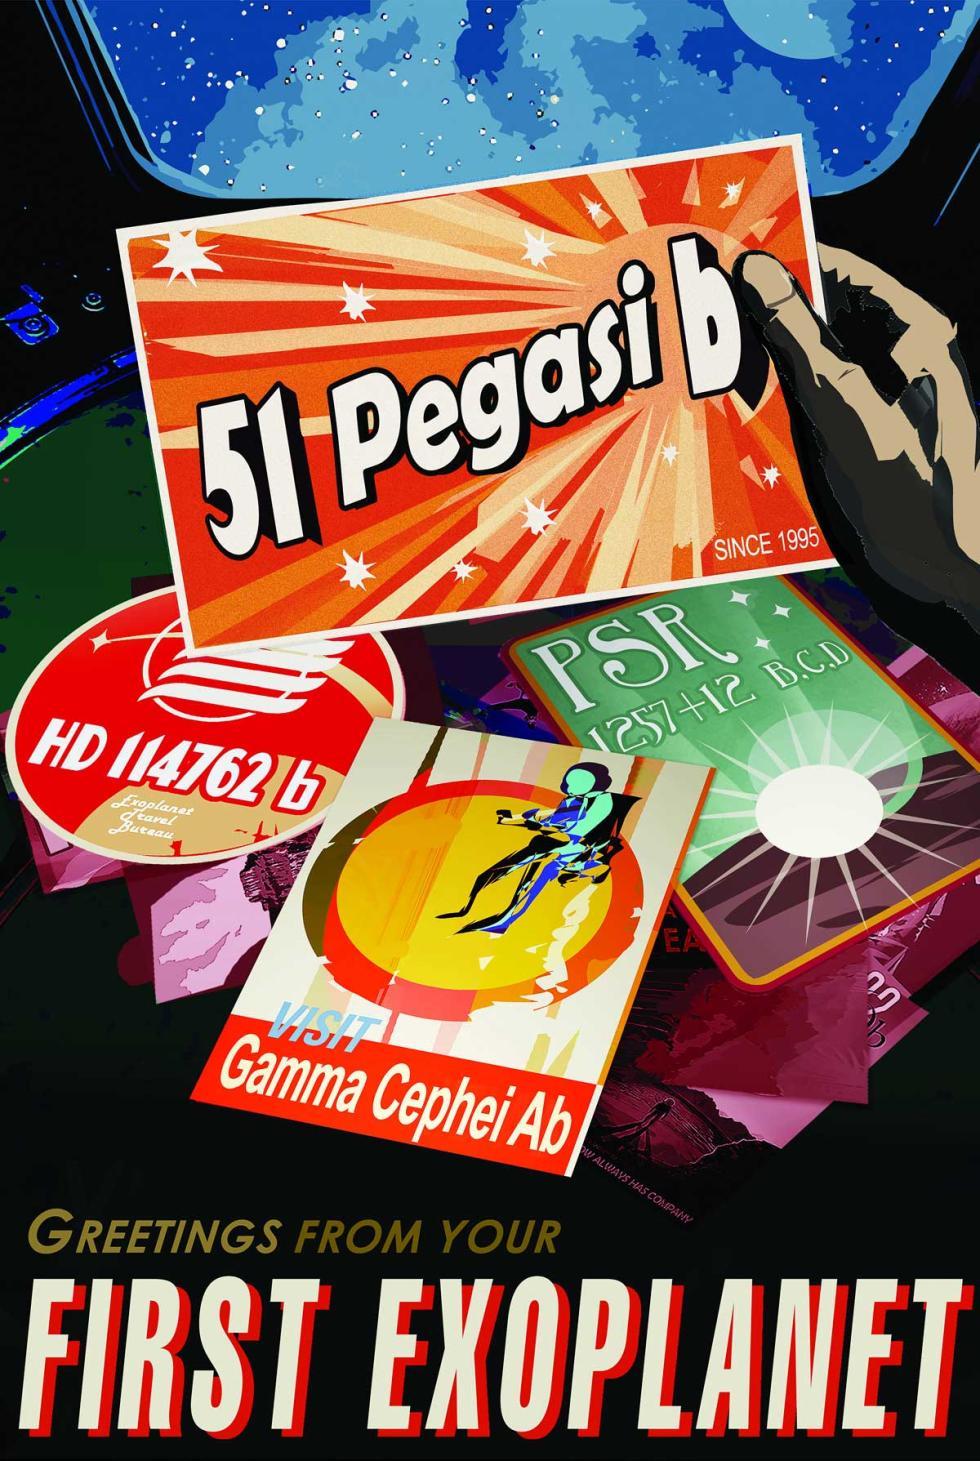 NASA 51 Pegasi b